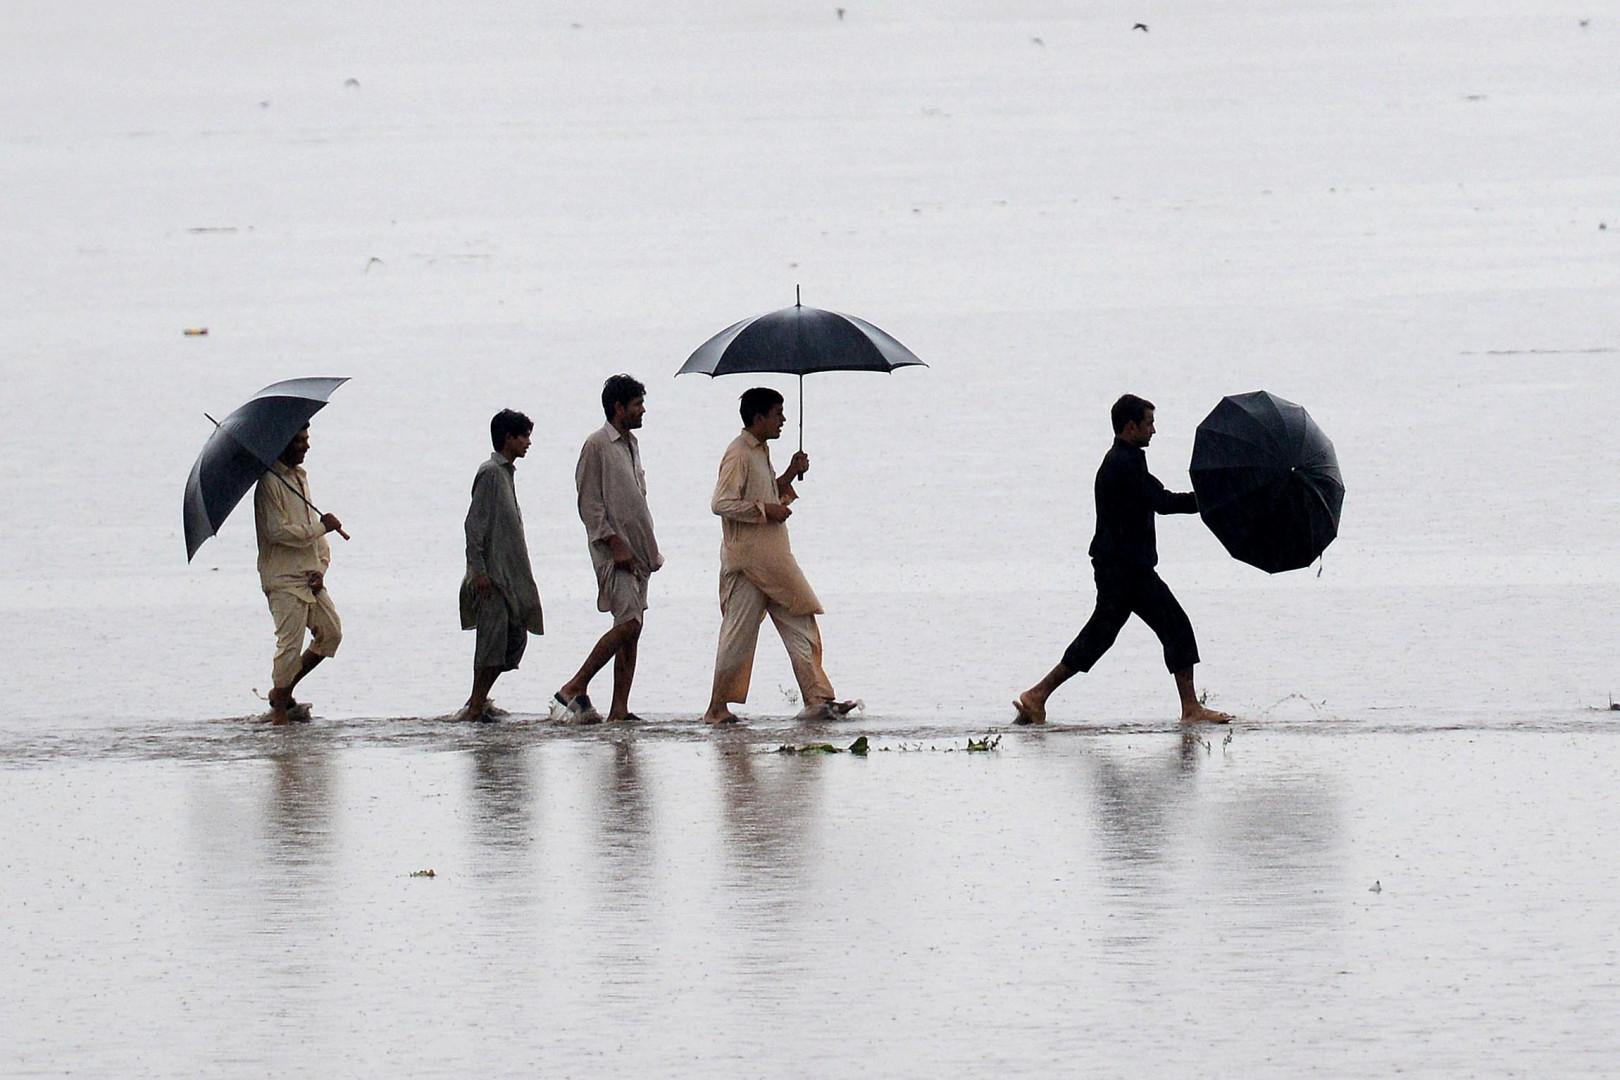 Les rues de Peshawar sont devenues de véritables rivières